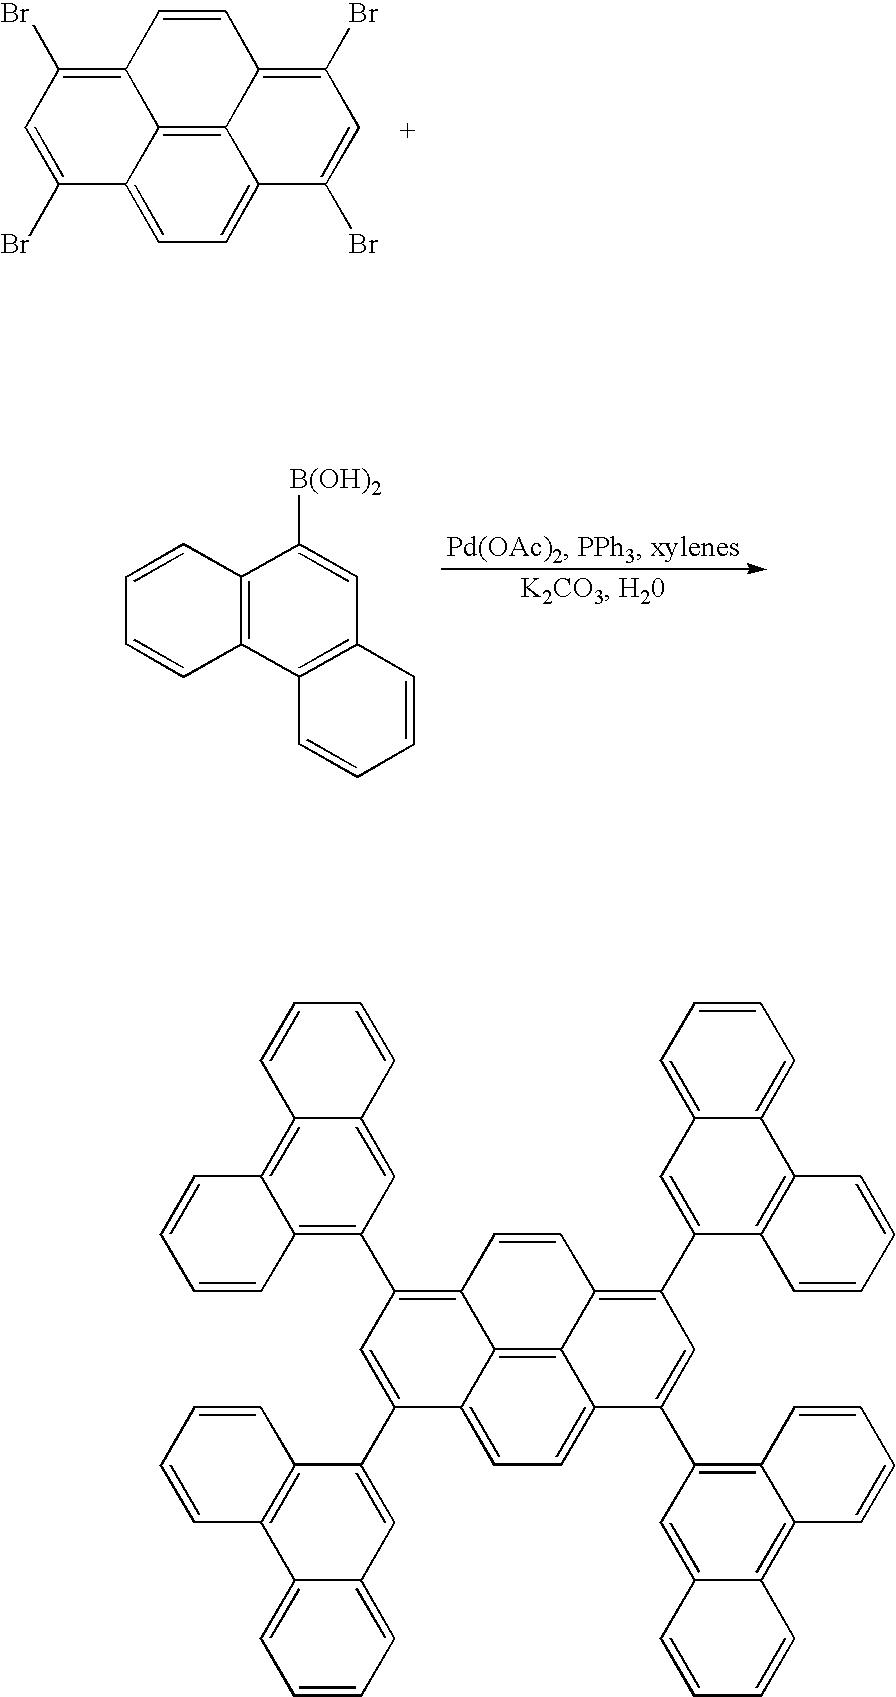 Figure US20060222886A1-20061005-C00014